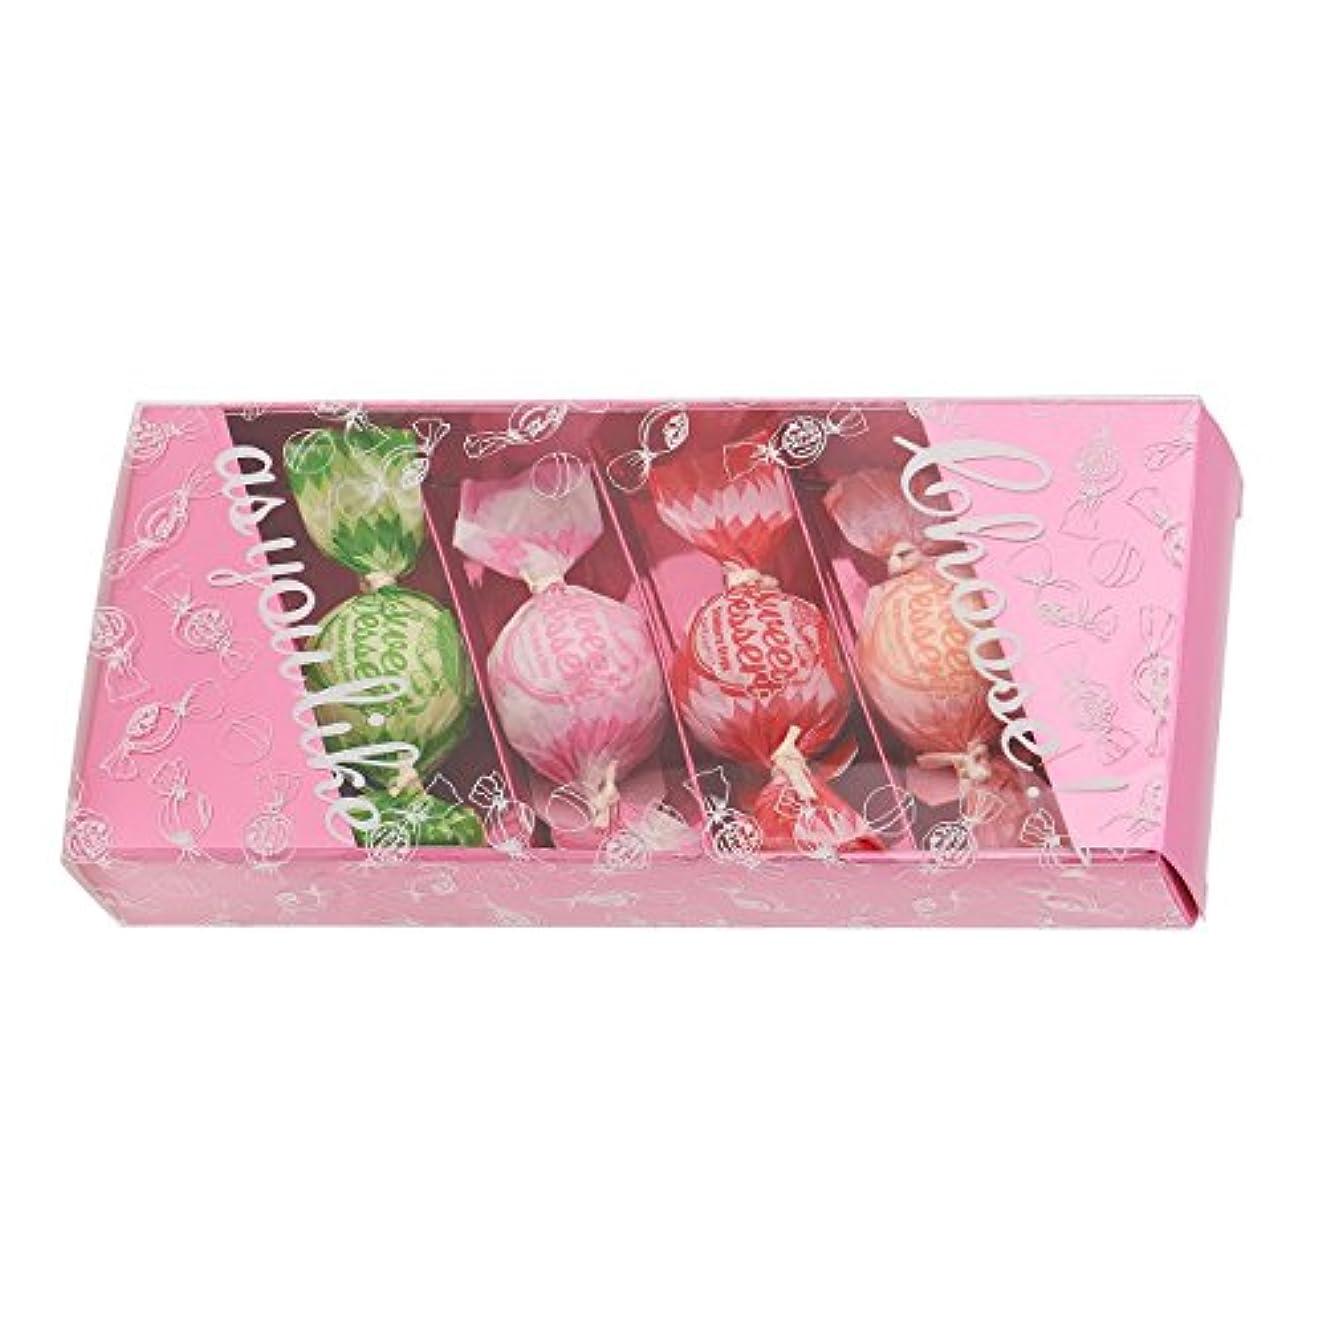 フィドルお茶プロペラアマイワナ バスキャンディー4粒ギフトセット(35g×4個) ピンク(発泡タイプ入浴料 バスギフト)